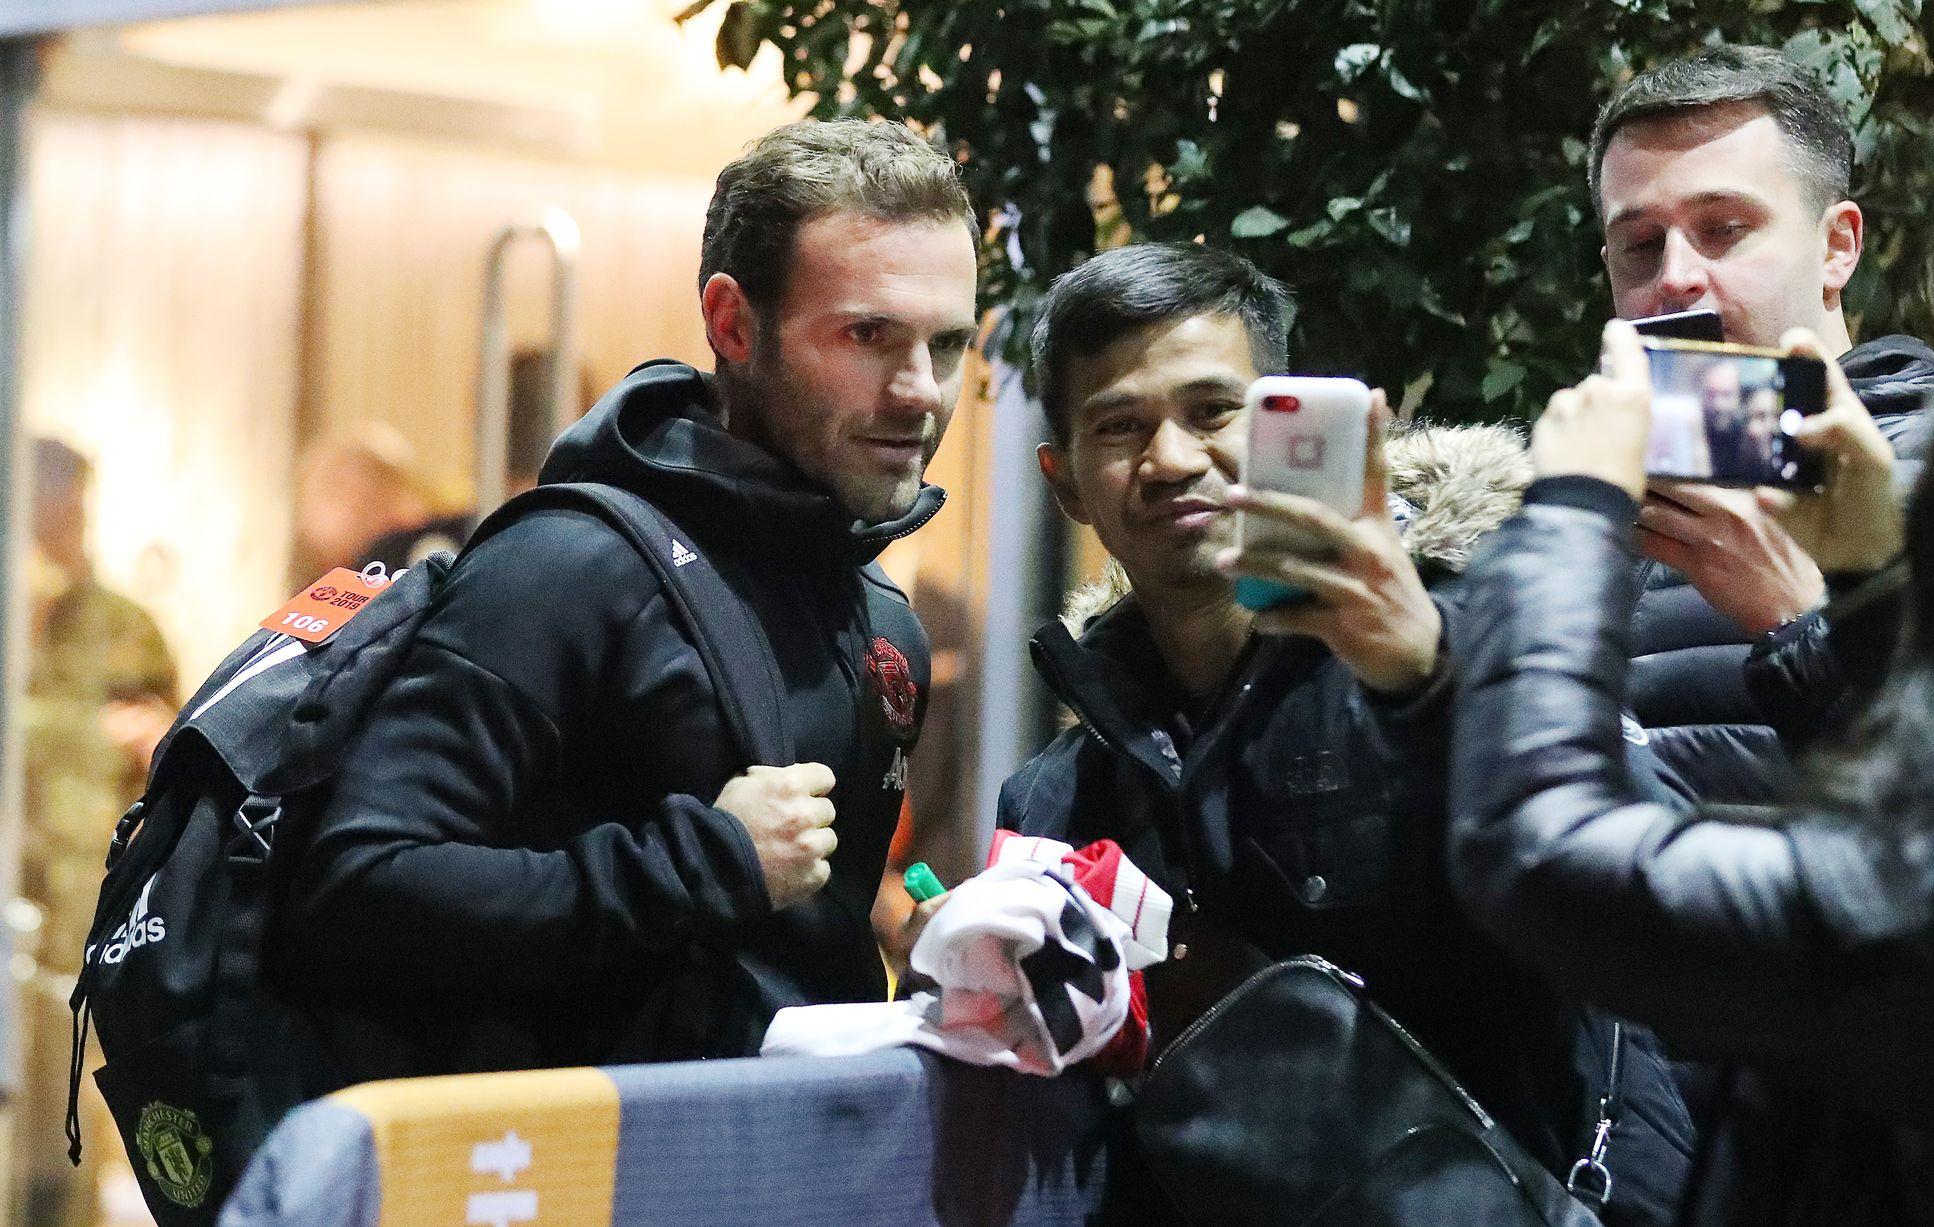 Dàn sao Man Utd đổ bộ tới khách sạn Lowry: Maguire căng thẳng; 'Nhân tố X' có mặt - Bóng Đá